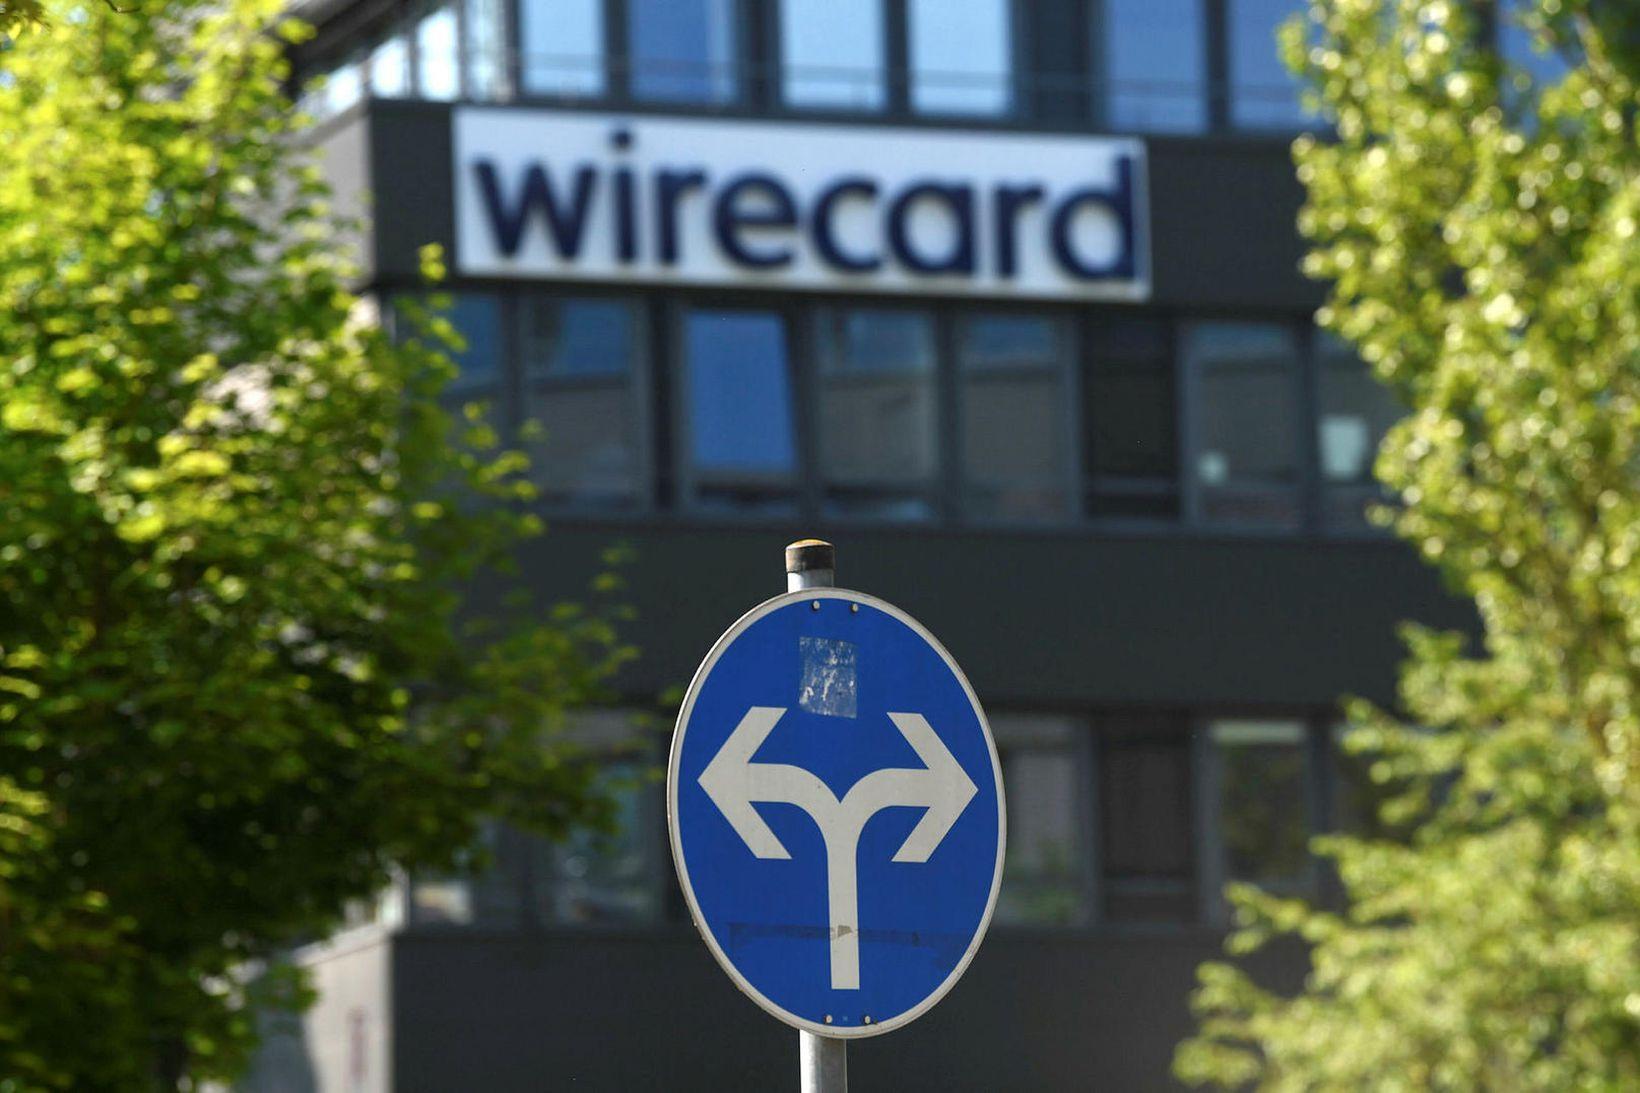 Komið að leiðarlokum fyrir Wirecard.